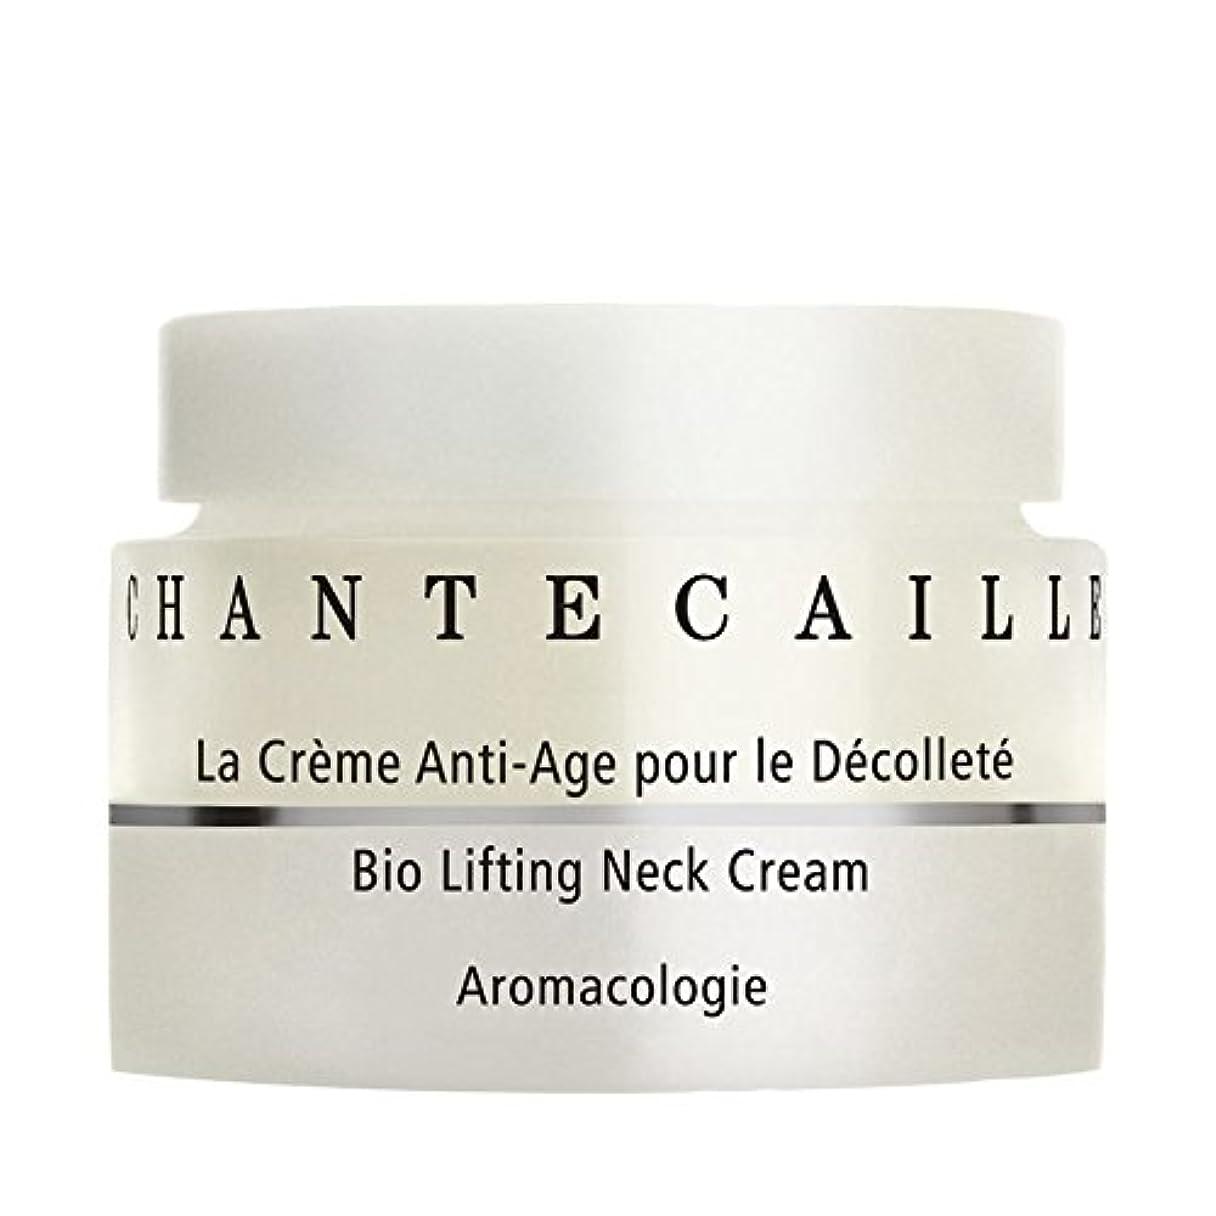 戦略芸術的選択するChantecaille Biodynamic Lifting Neck Cream, Chantecaille - シャンテカイユバイオダイナミックリフティングネッククリーム、シャンテカイユ [並行輸入品]